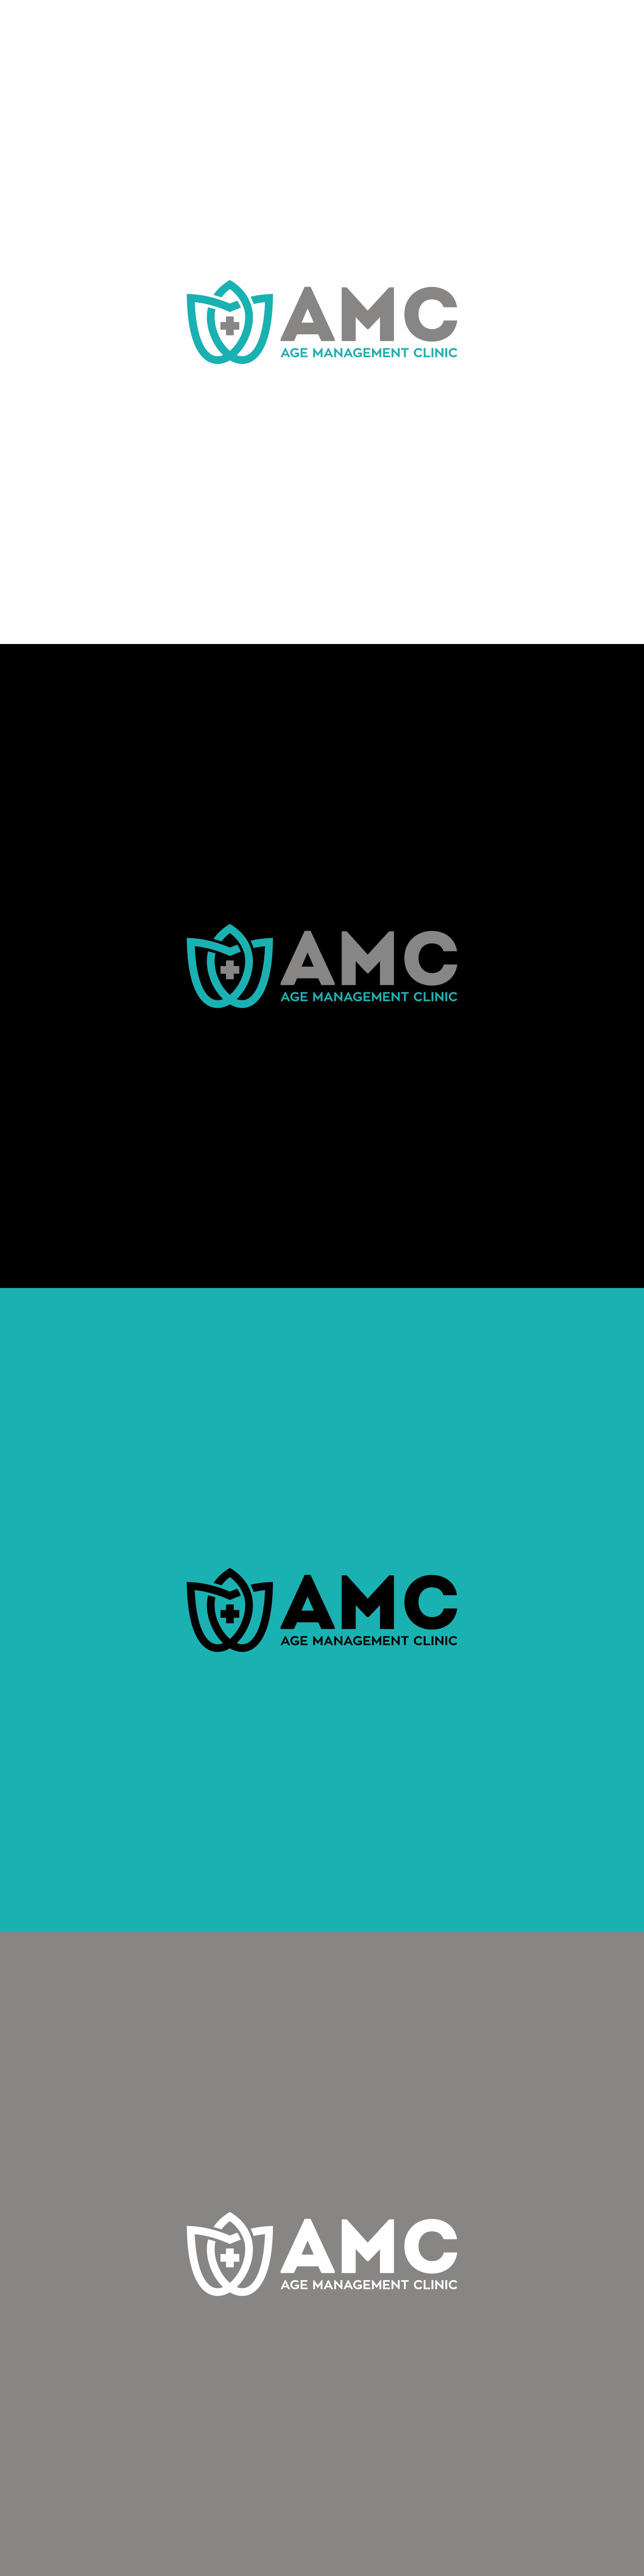 Логотип для медицинского центра (клиники)  фото f_4005ba0b7699d10e.jpg